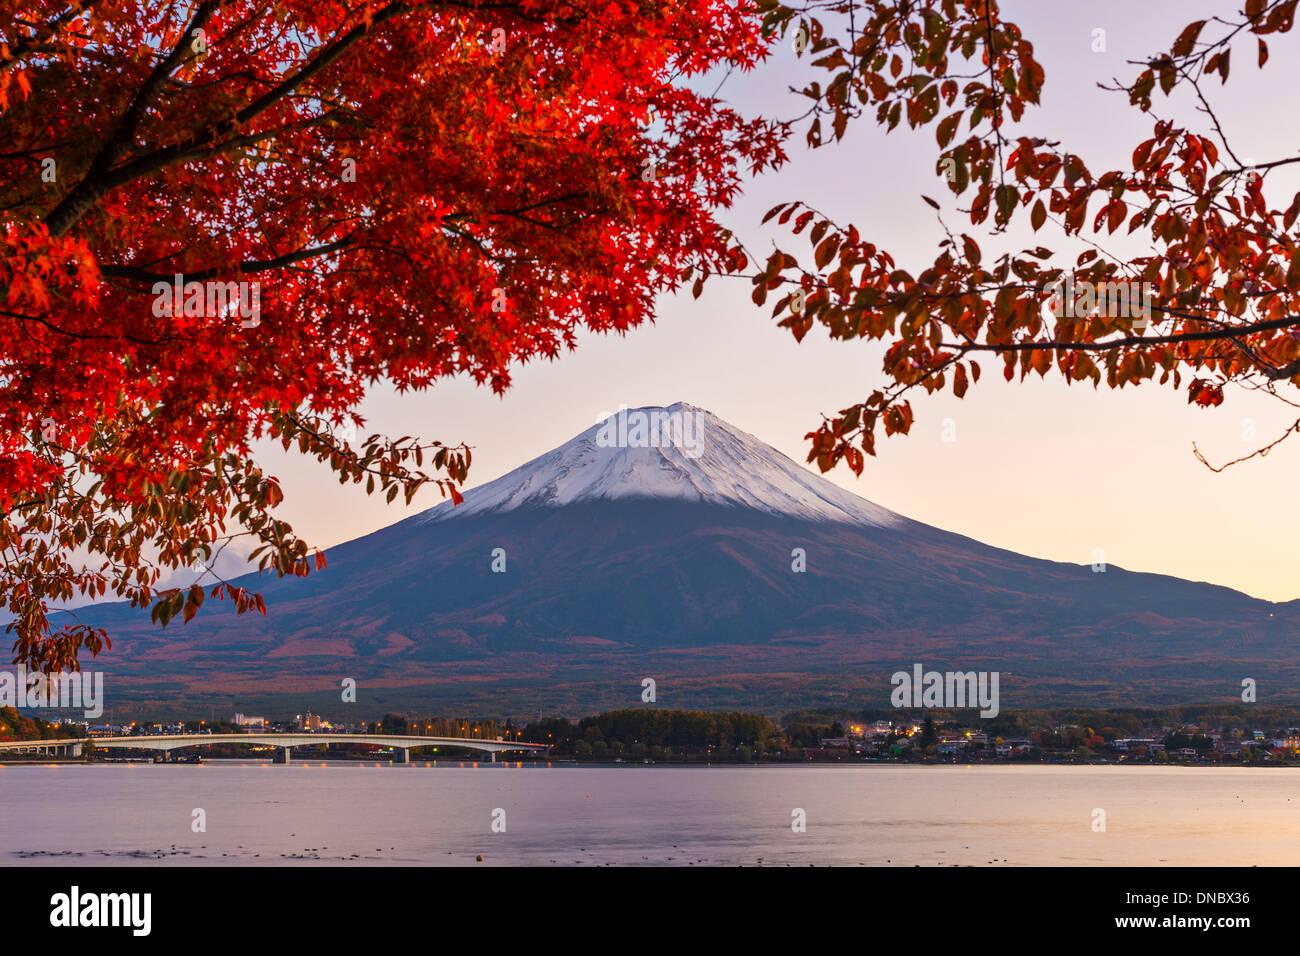 Mt. Fuji mit Herbst Laub in Japan. Stockbild